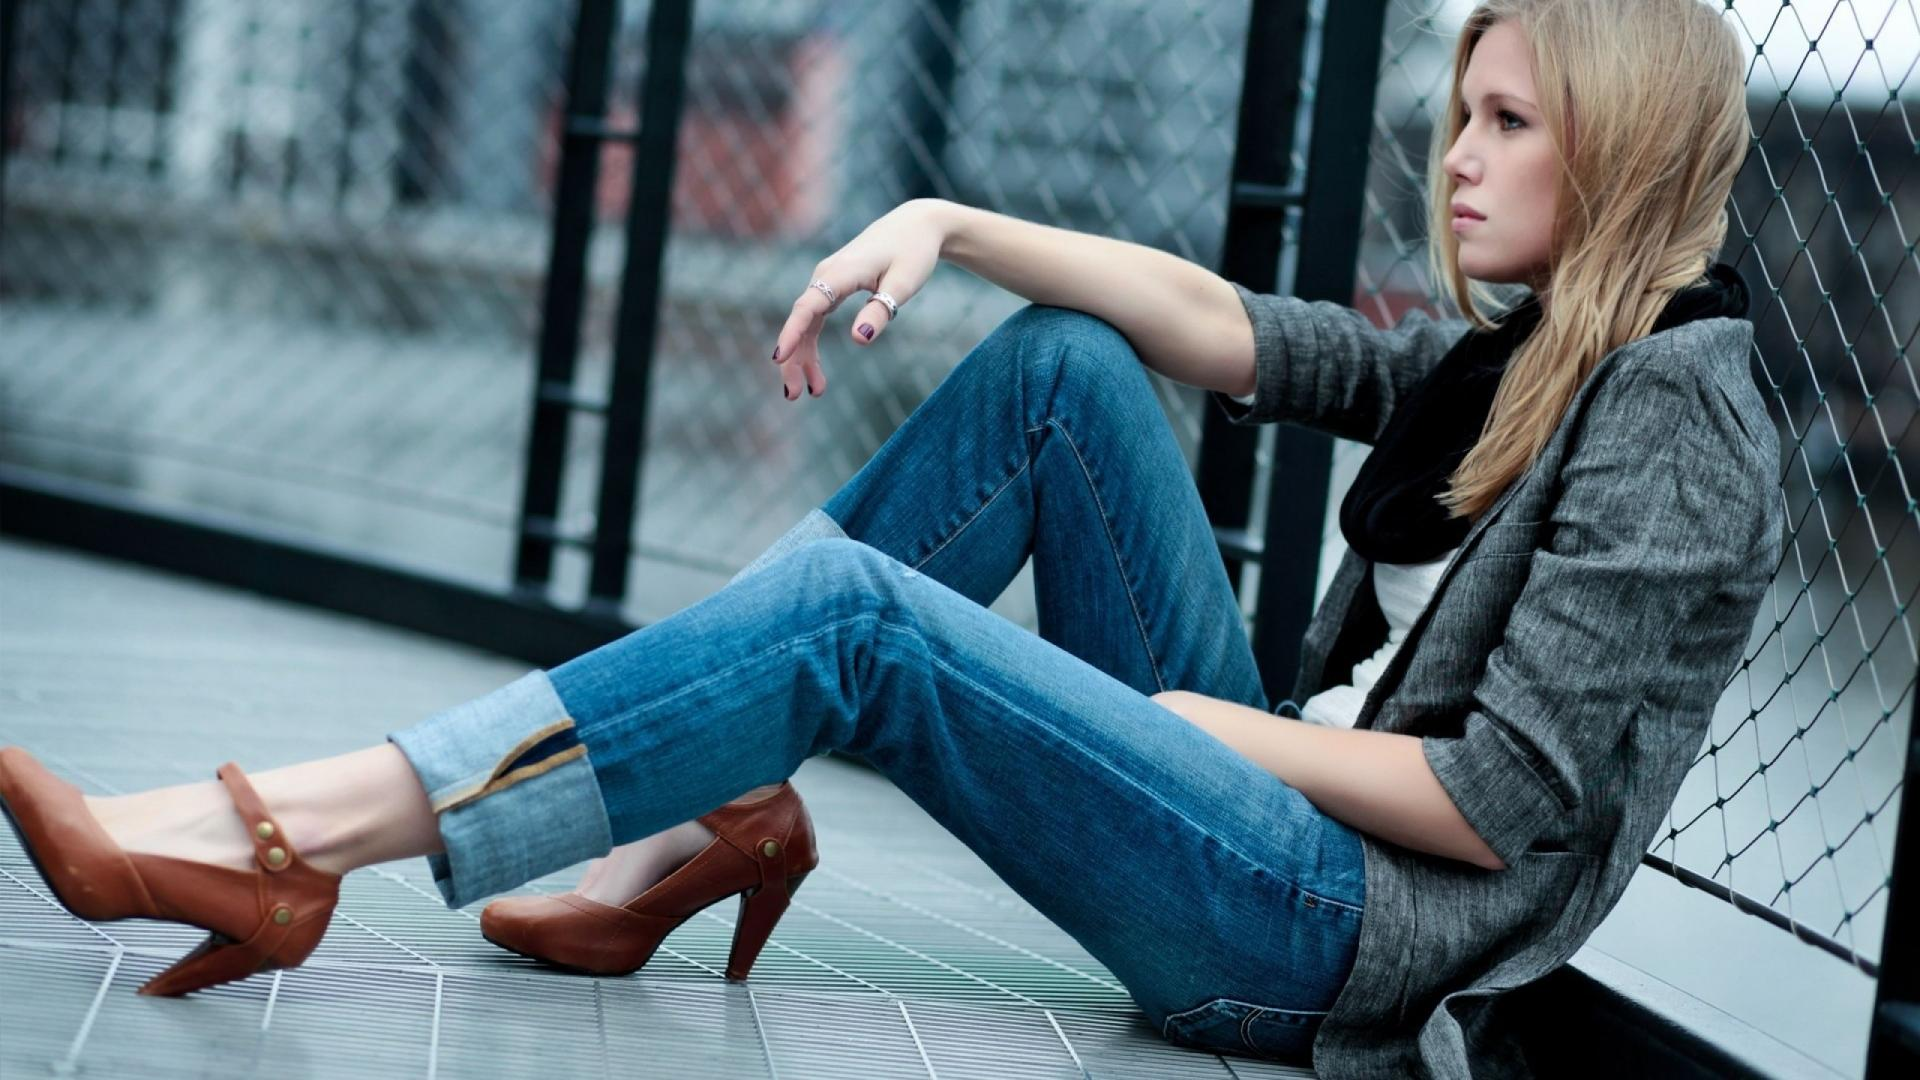 Women Fashion Jeans 2013 HD Wallpaper Women Fashion Jeans 2013 1920x1080